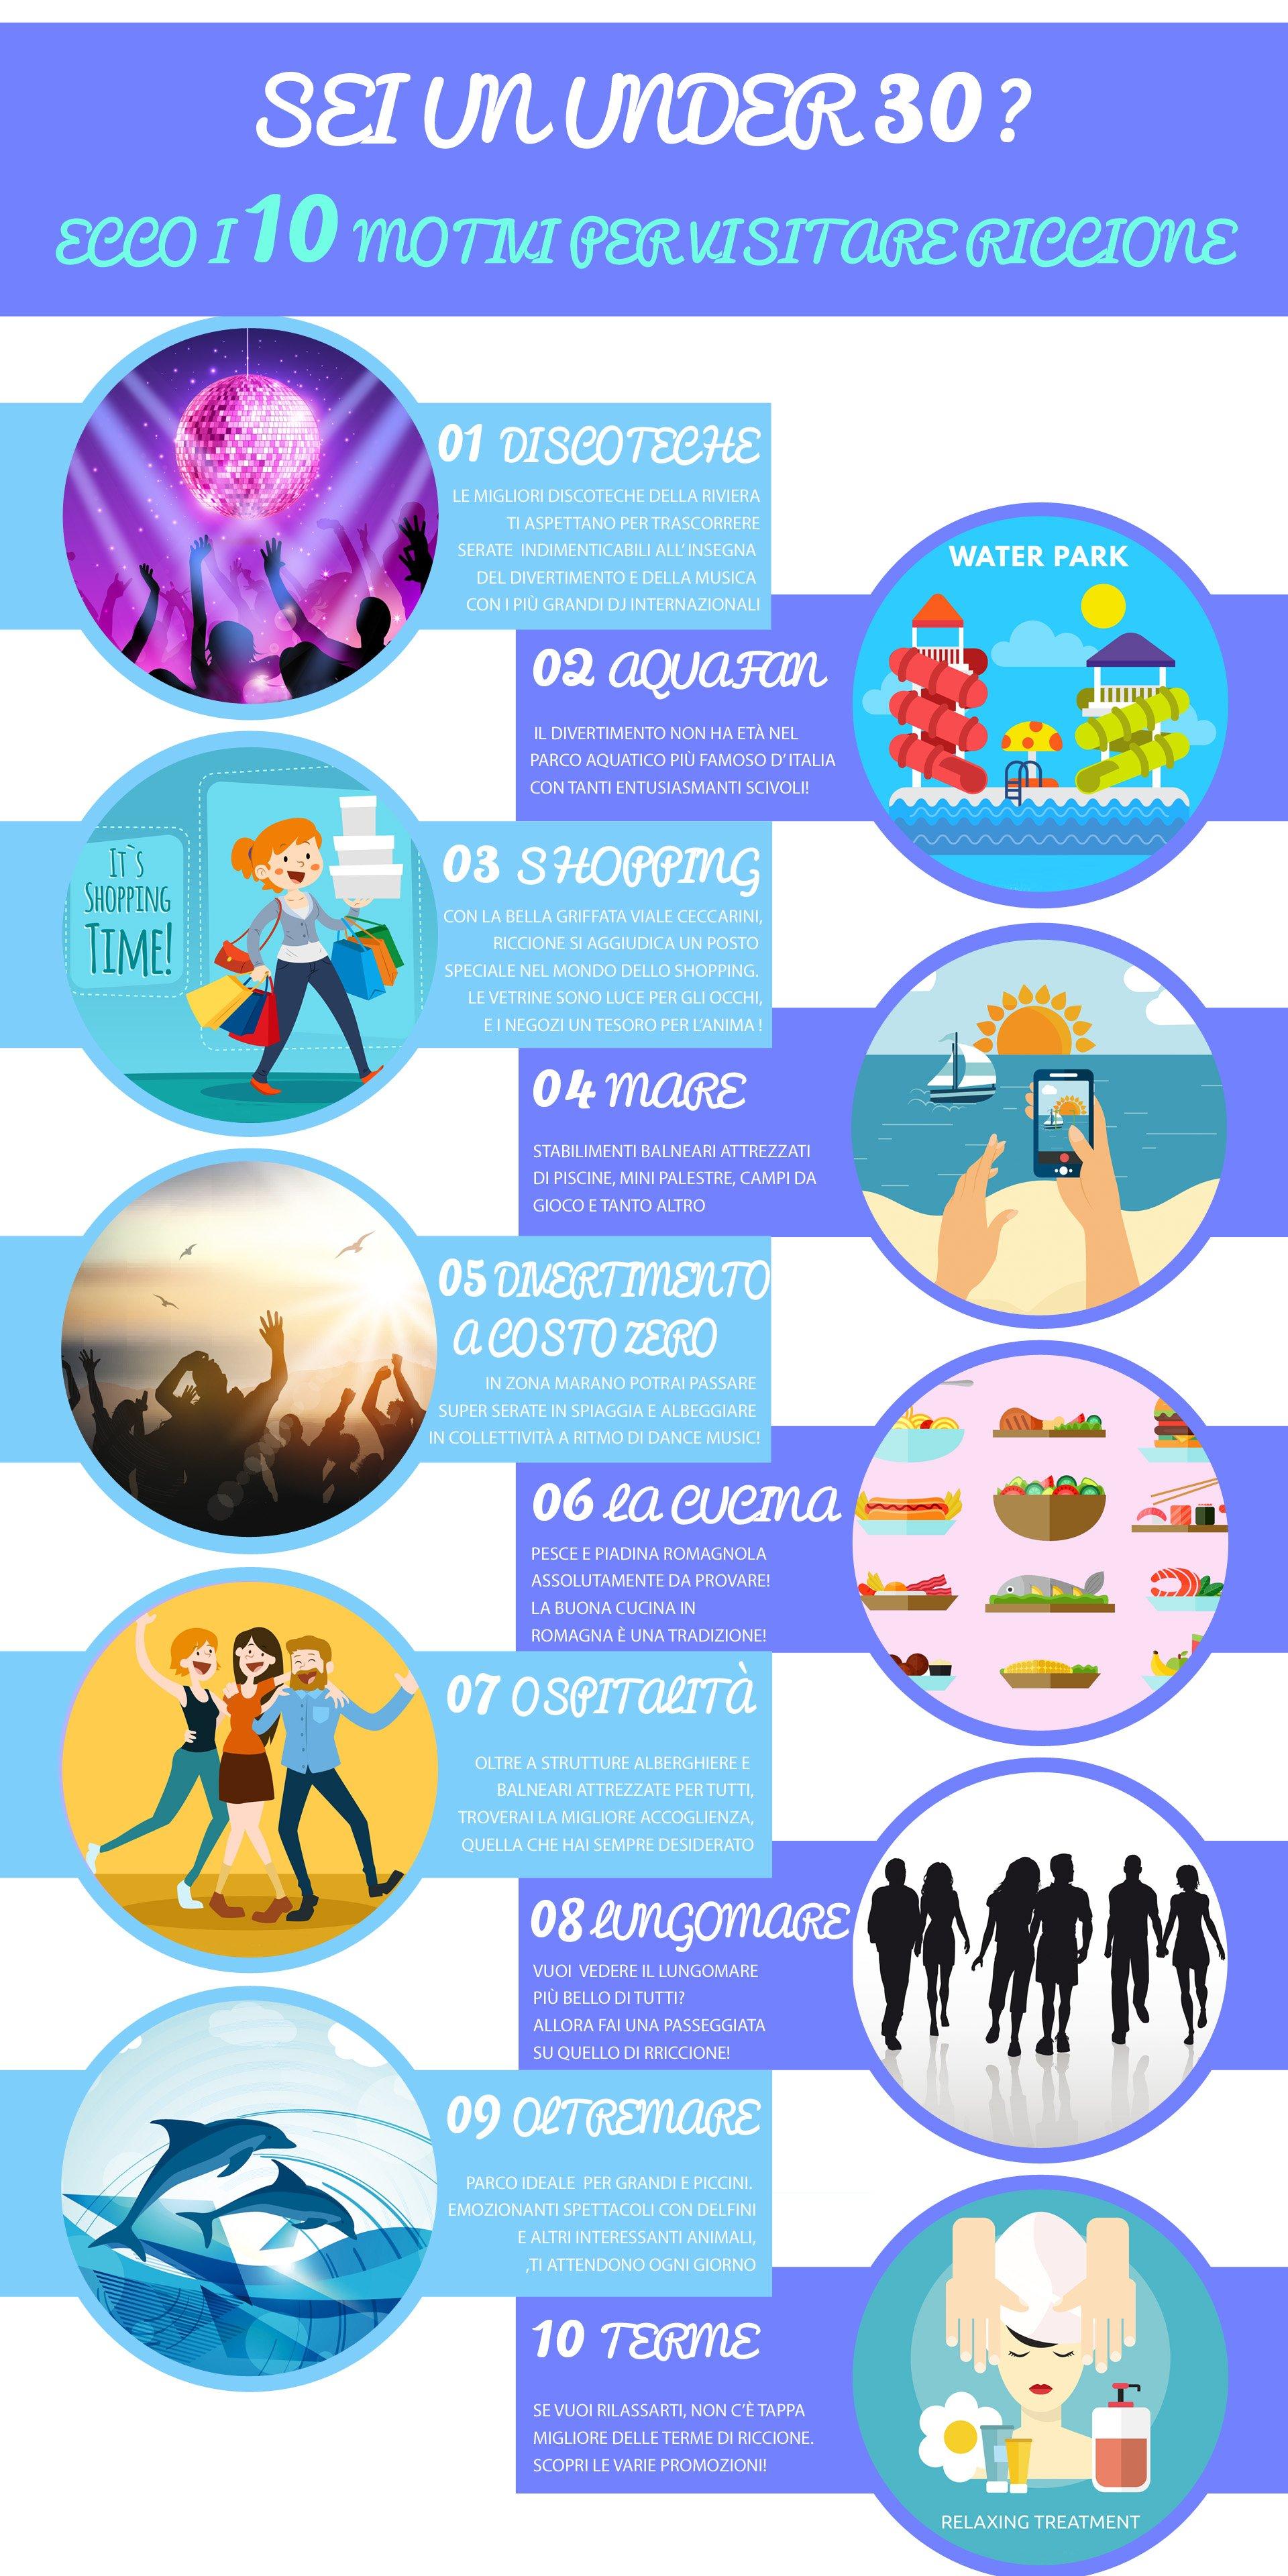 10 motivi per visitare Riccione: colori, immagini e qualche riga per illustrare il tutto